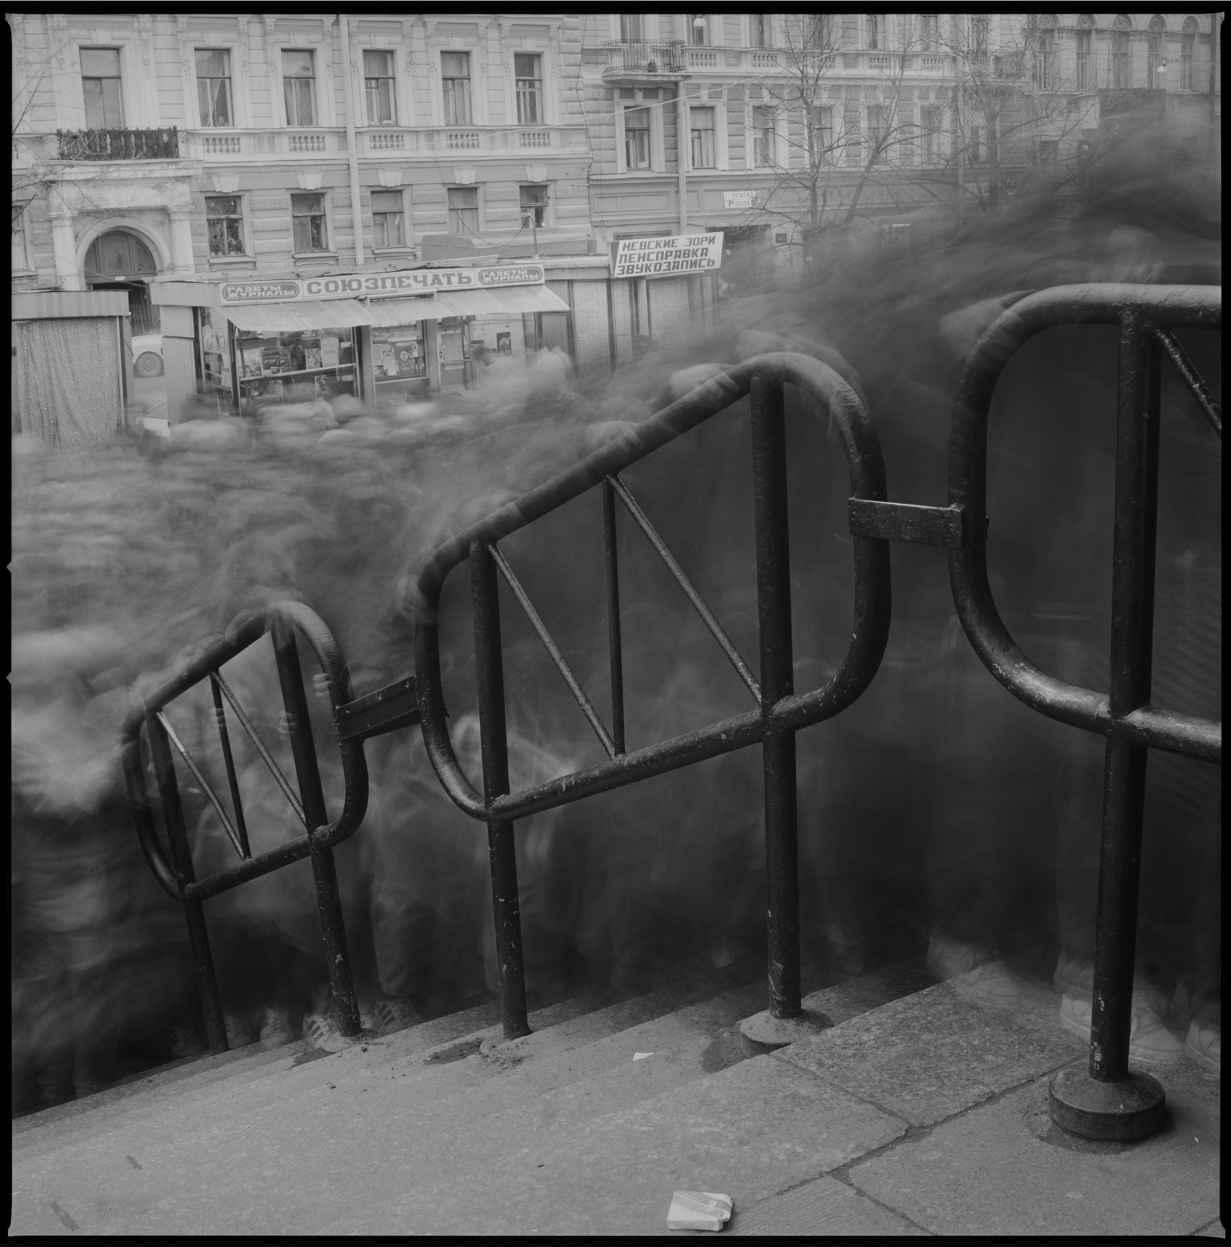 Foto: Alexey Titarenko